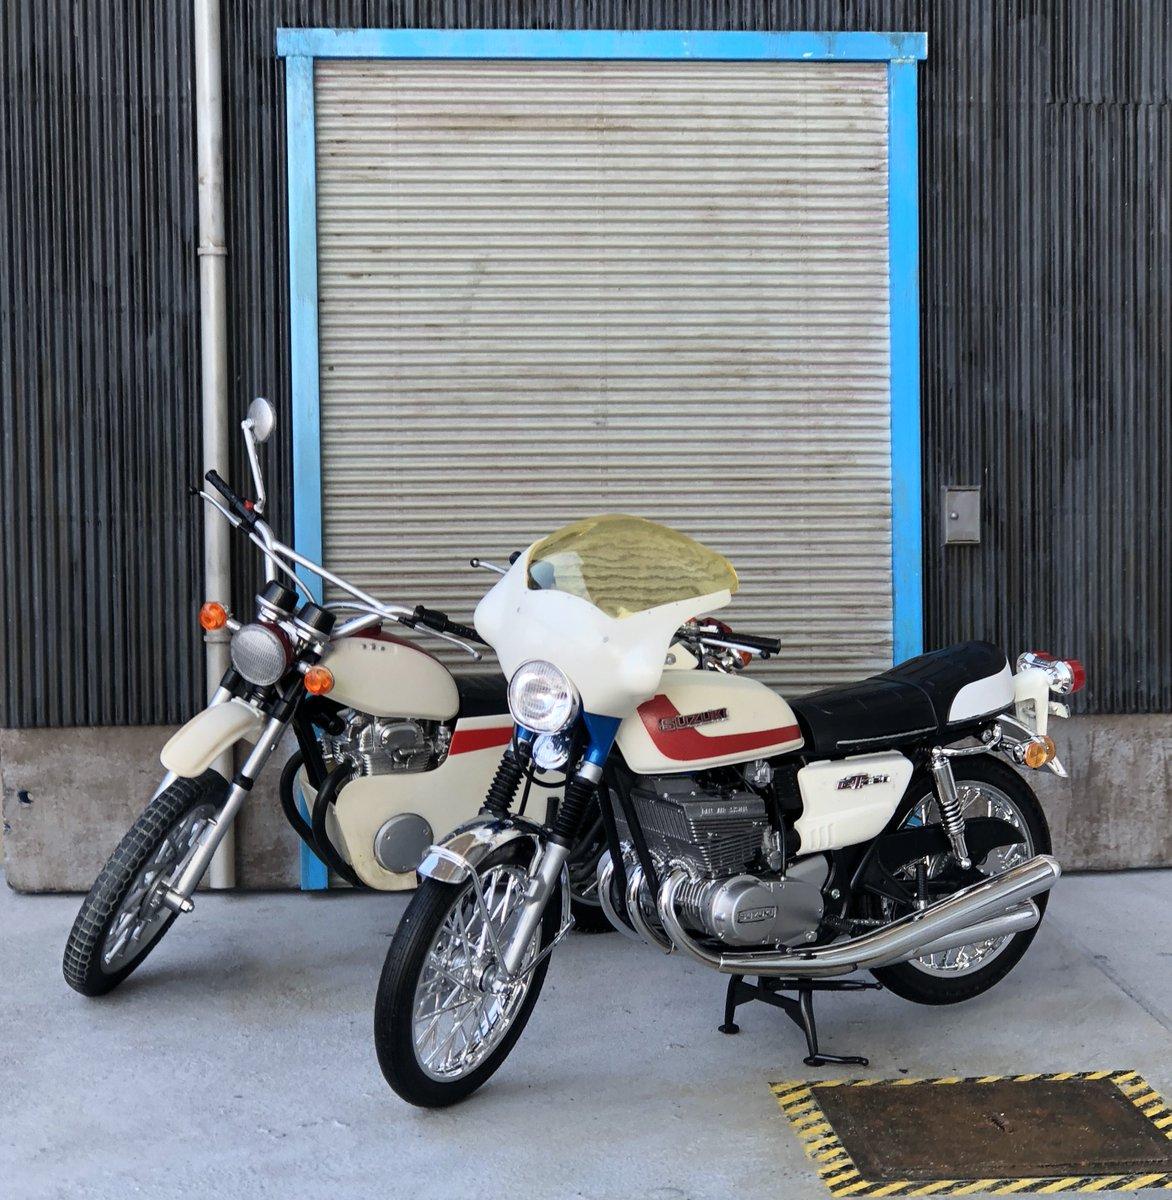 ハセガワ 仮面ライダー 本郷猛のバイク スズキ GT380 B プラモデル SP377に関する画像5